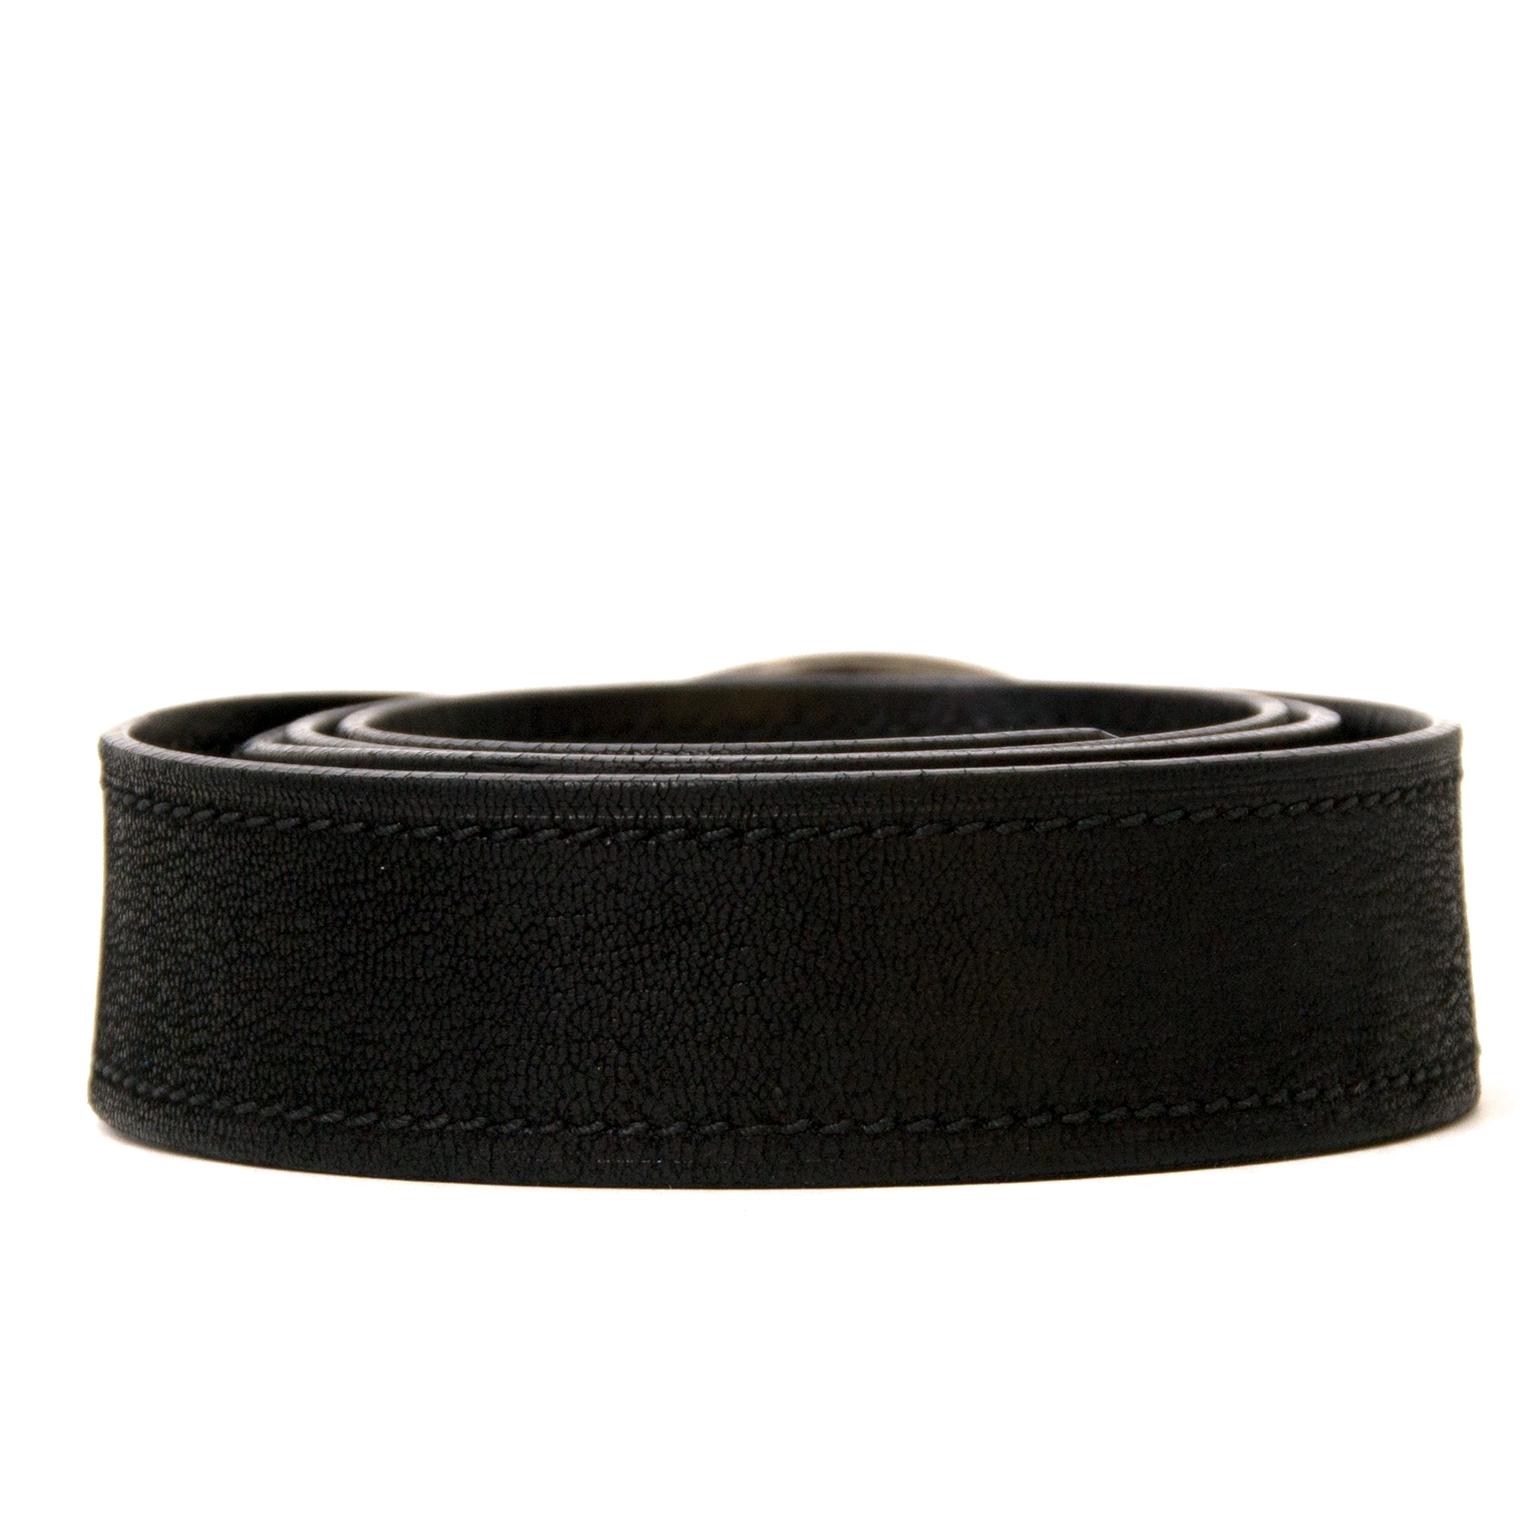 shop safe online secondhand Prada Black Leather Belt - Size 90